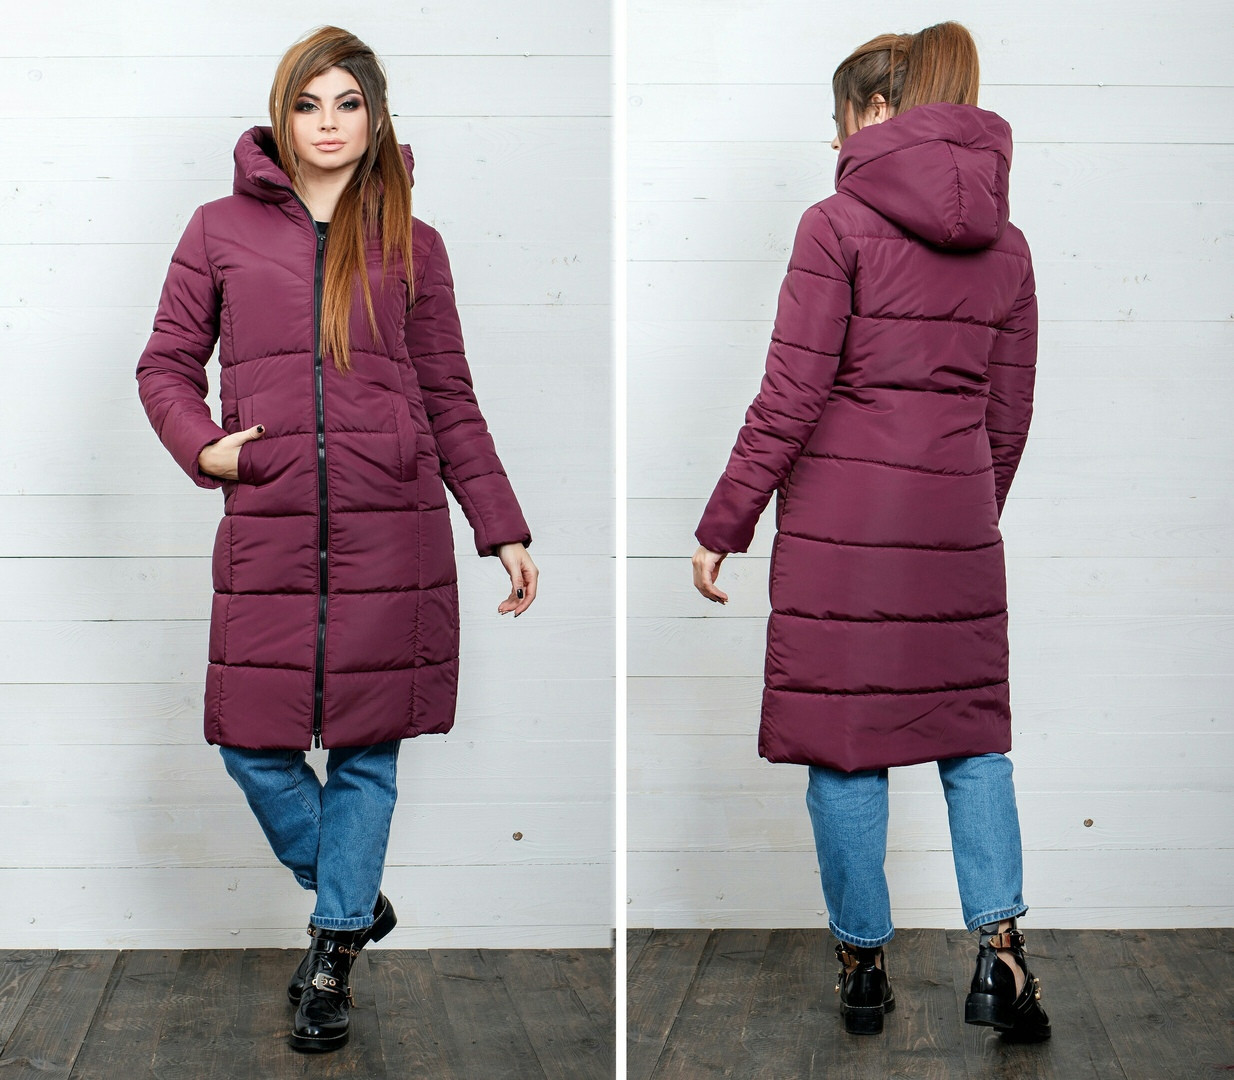 78fda7029e3 Стильная женская куртка осень   зима   весна синтепон 300